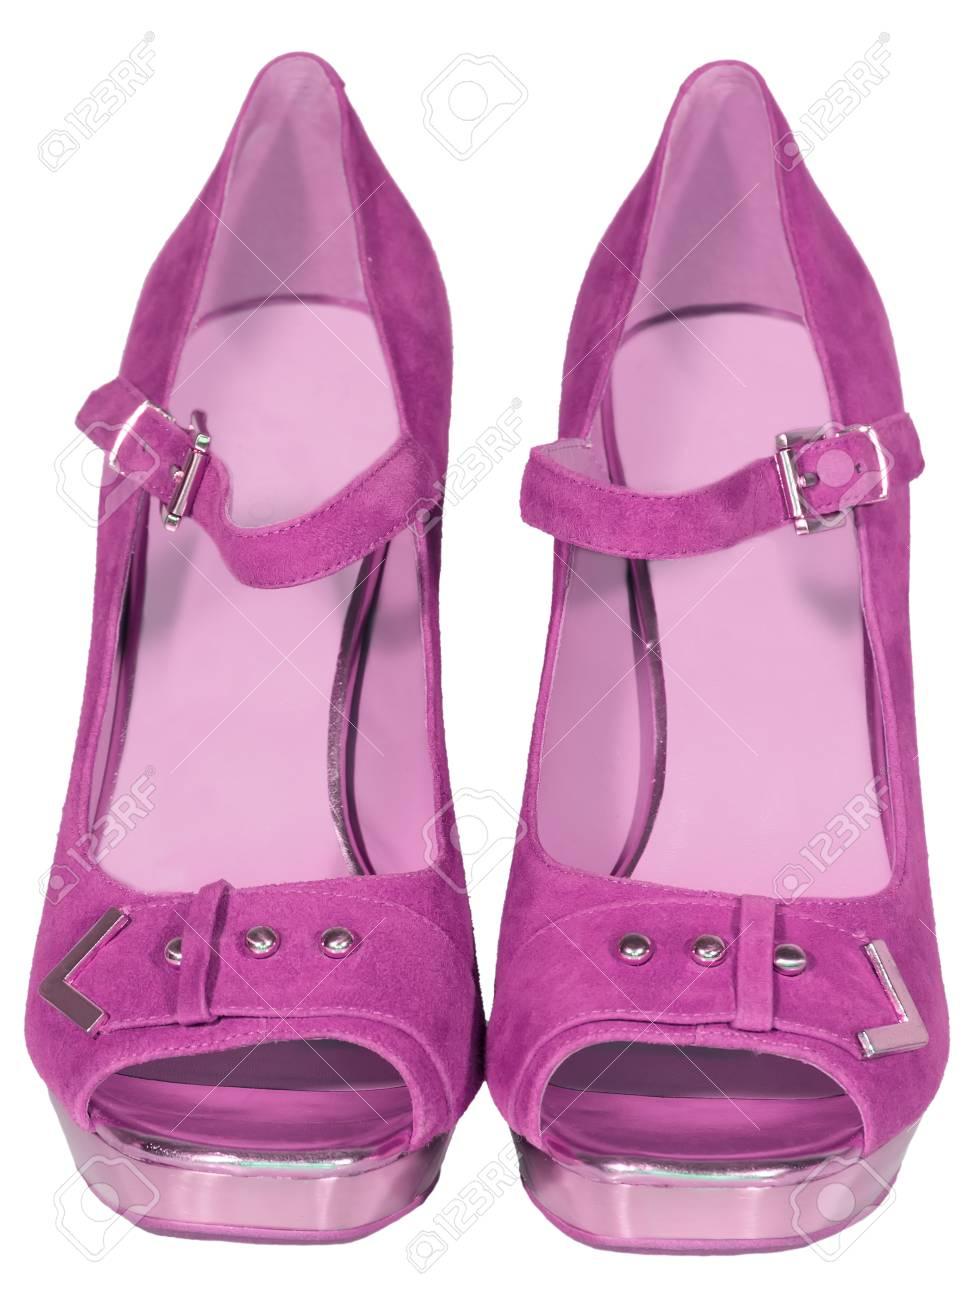 Femmes Chaussures Talon Haut Rose Isolé Fond Blanc Banque D